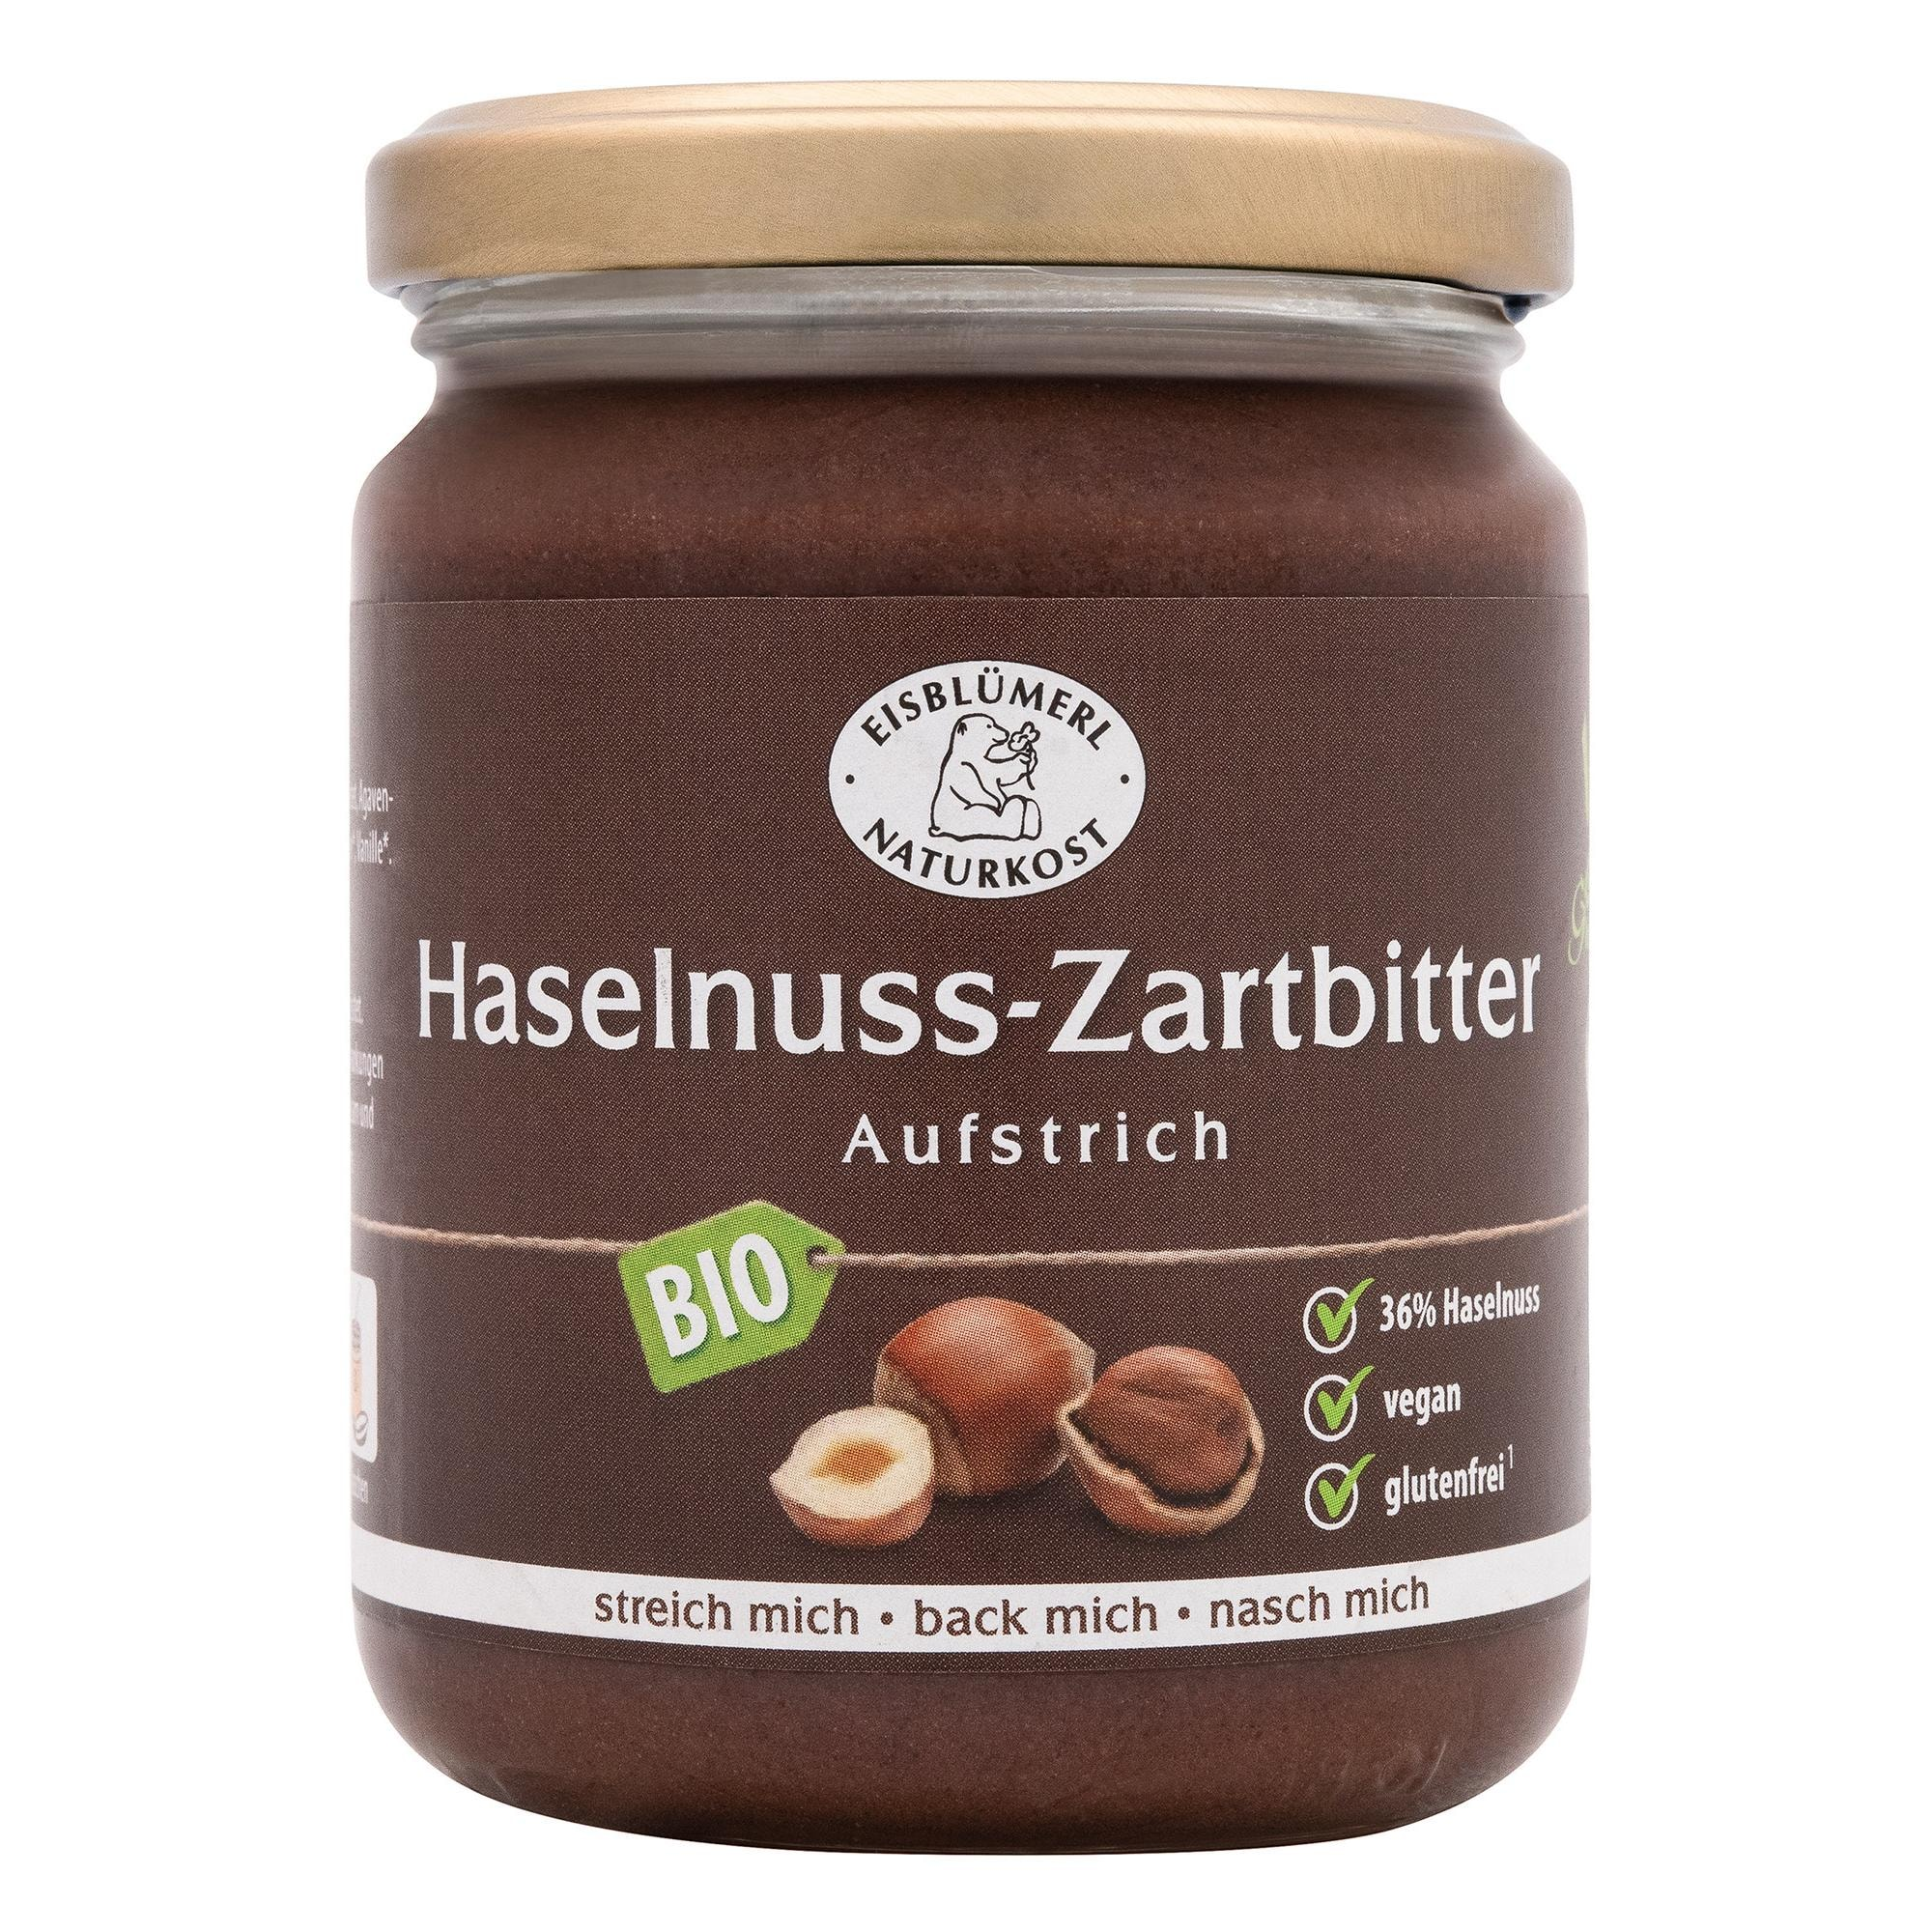 Eisblümerl Bio Zartbitter Aufstrich Haselnuss vegan 250g